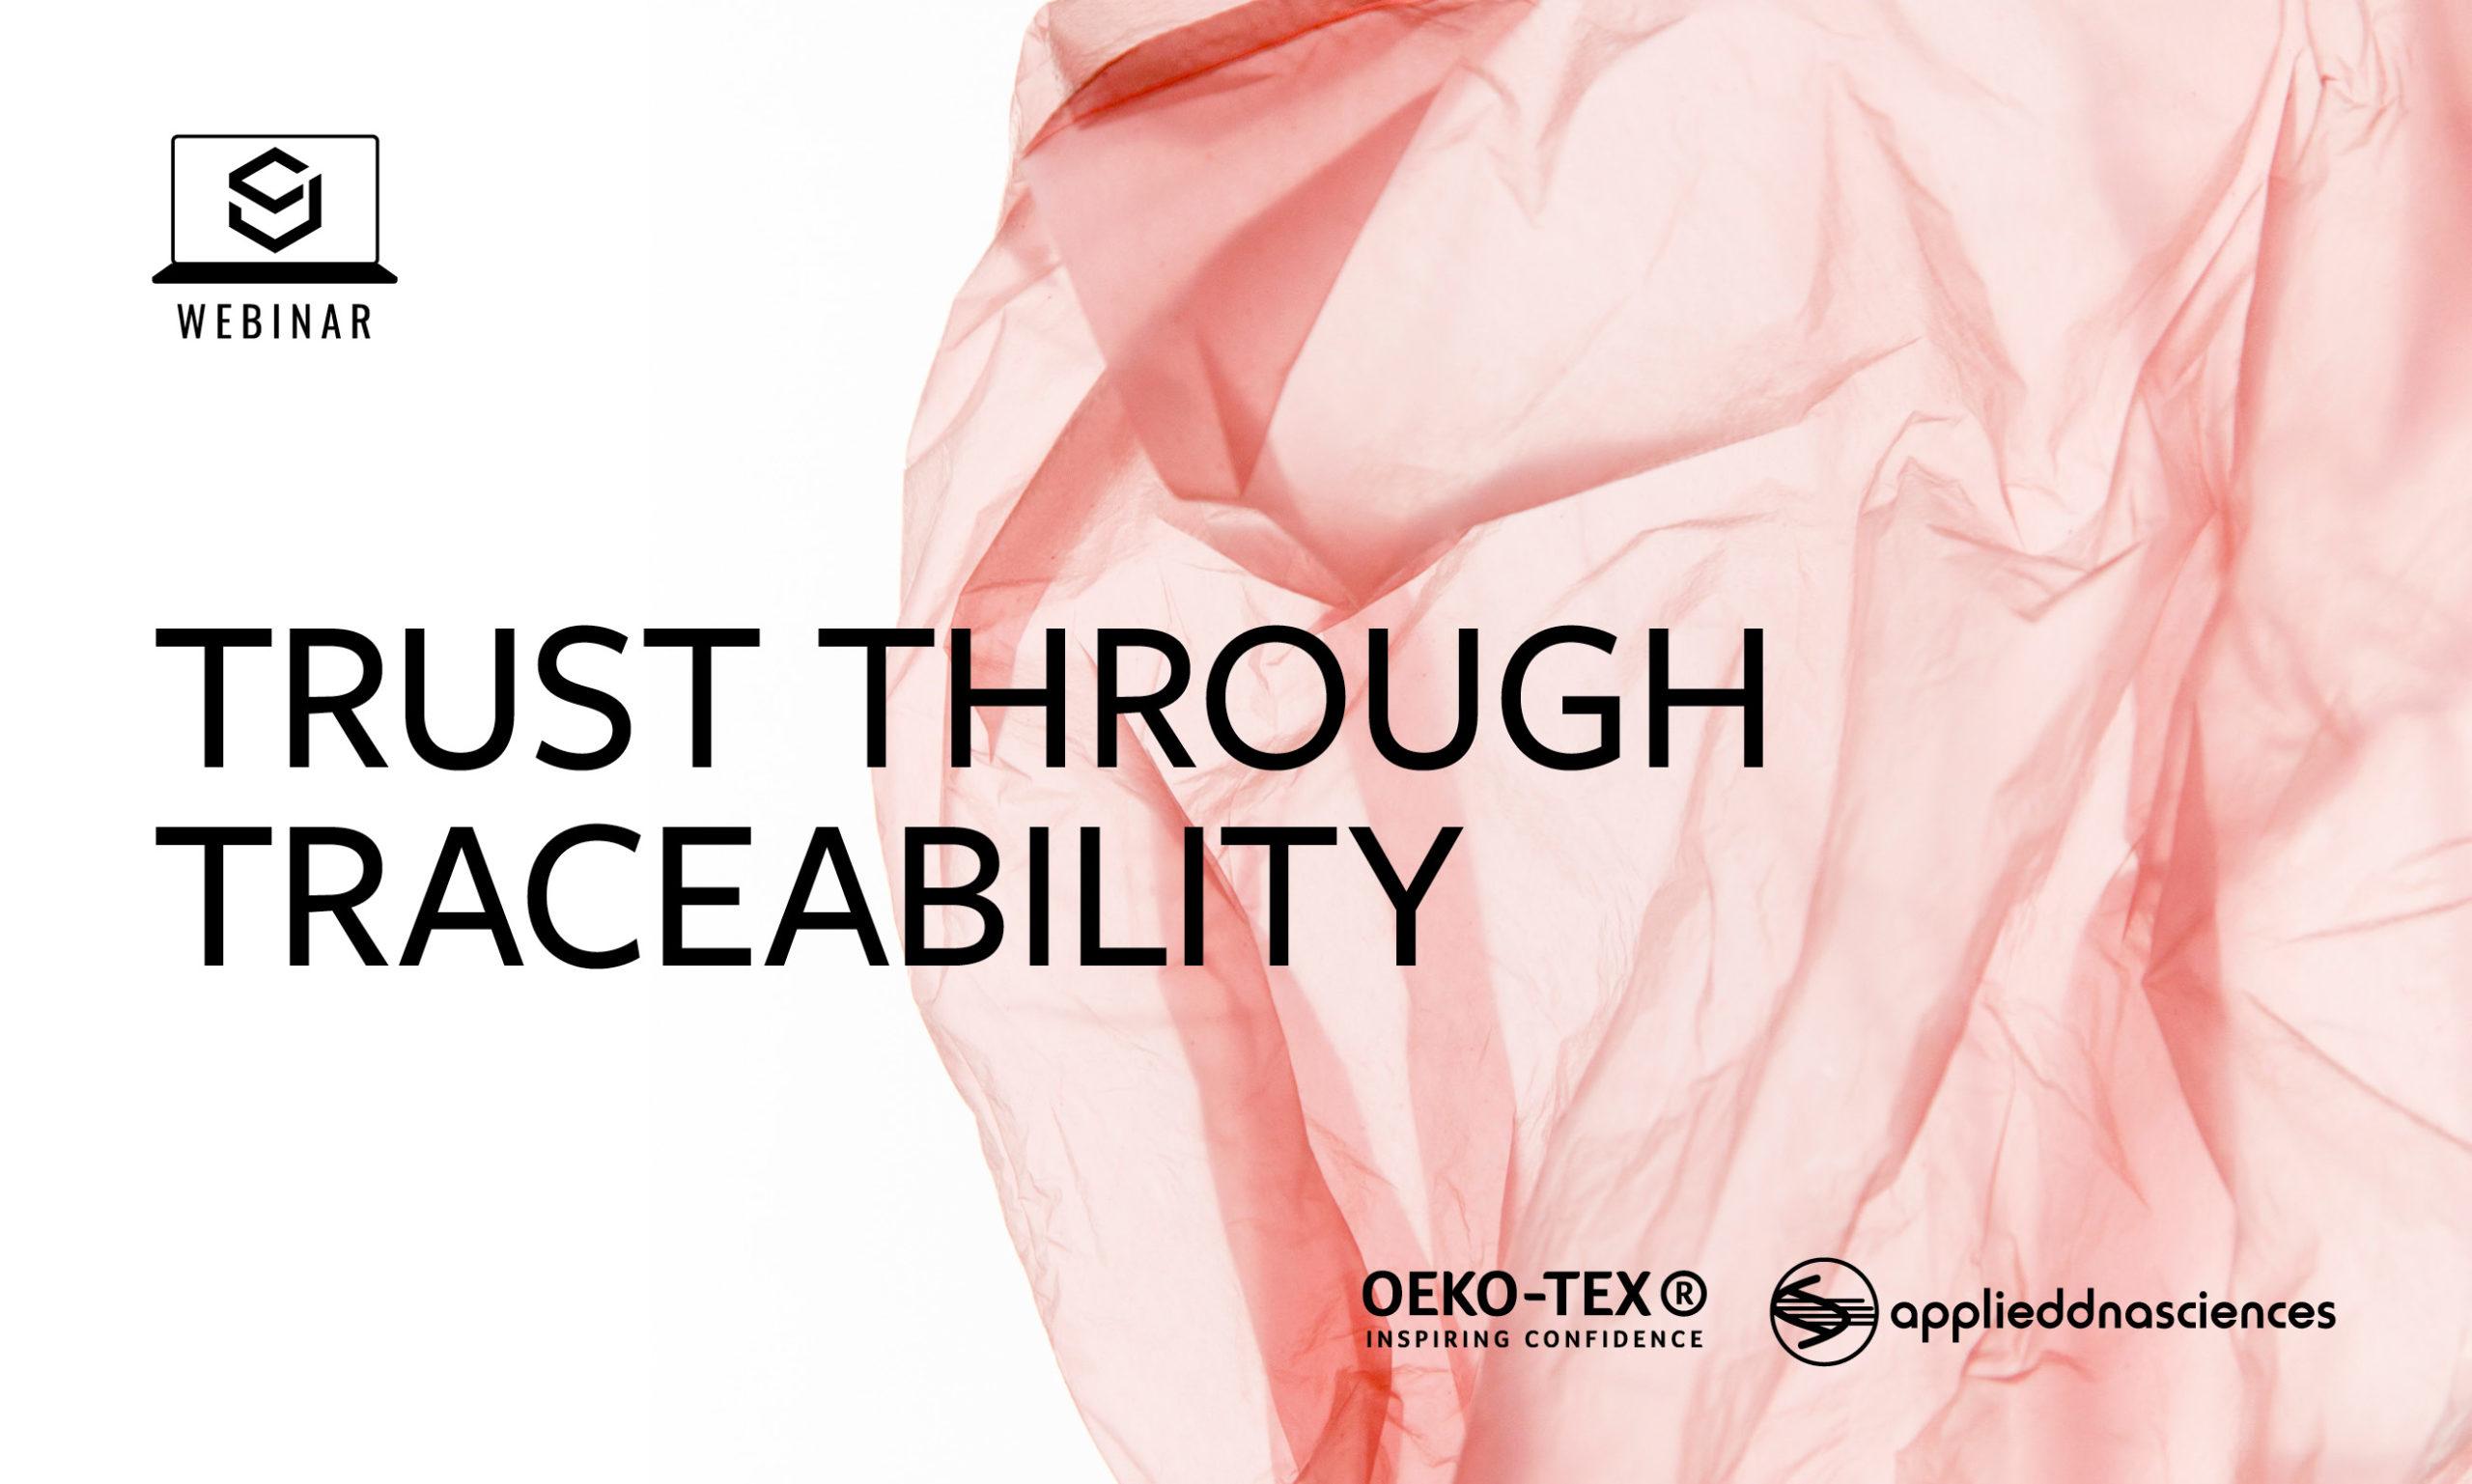 Trust Through Traceability Webinar